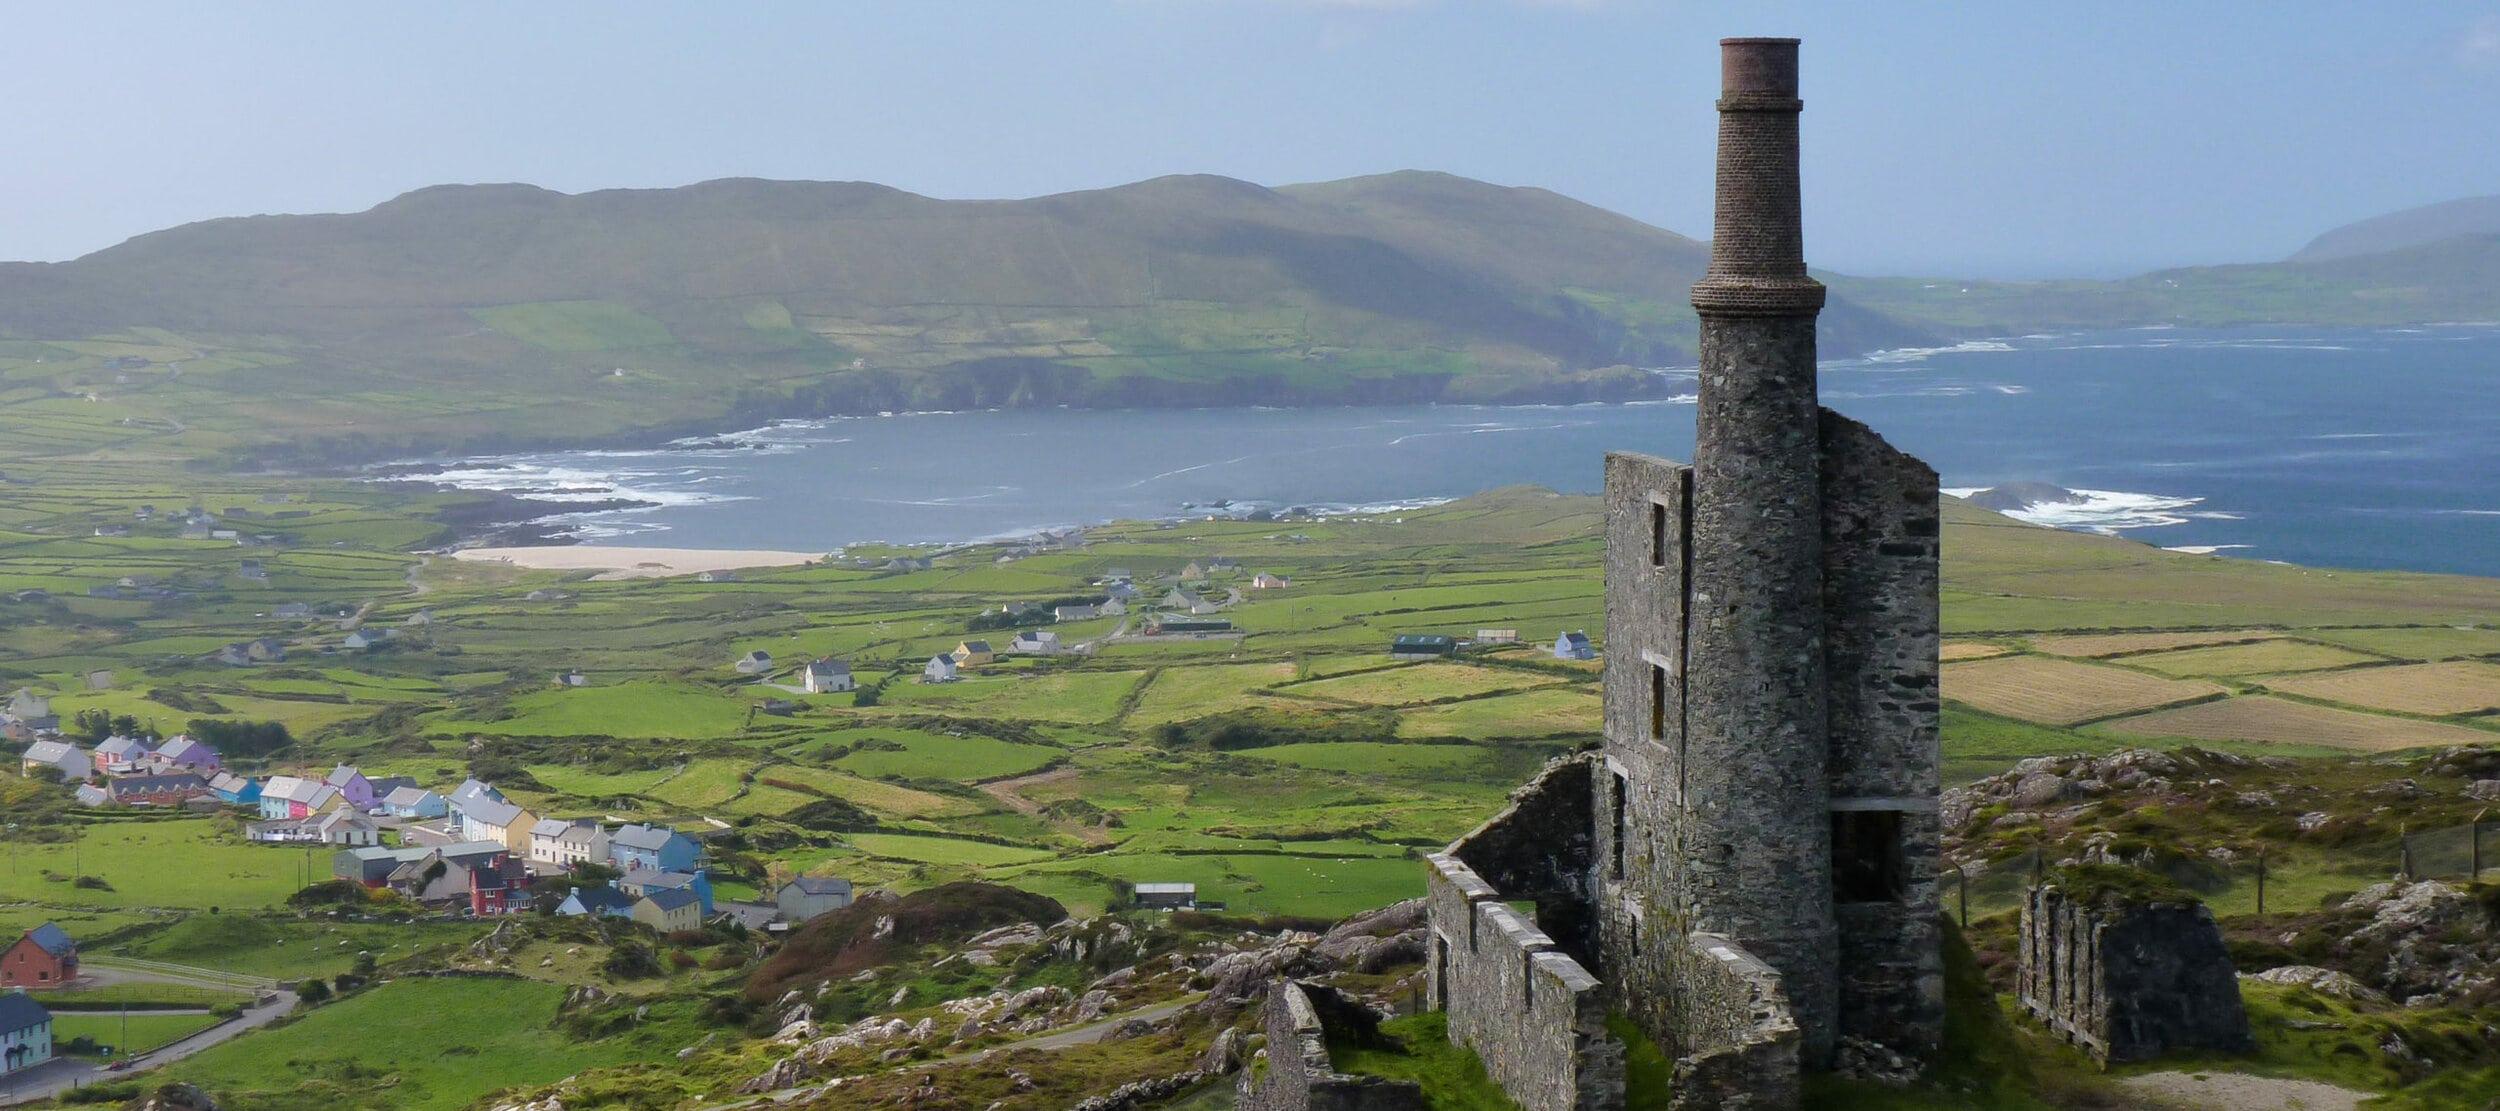 Mountain Mine, Allihies, Ireland. Cousin Jacks worked in most of the Irish mines